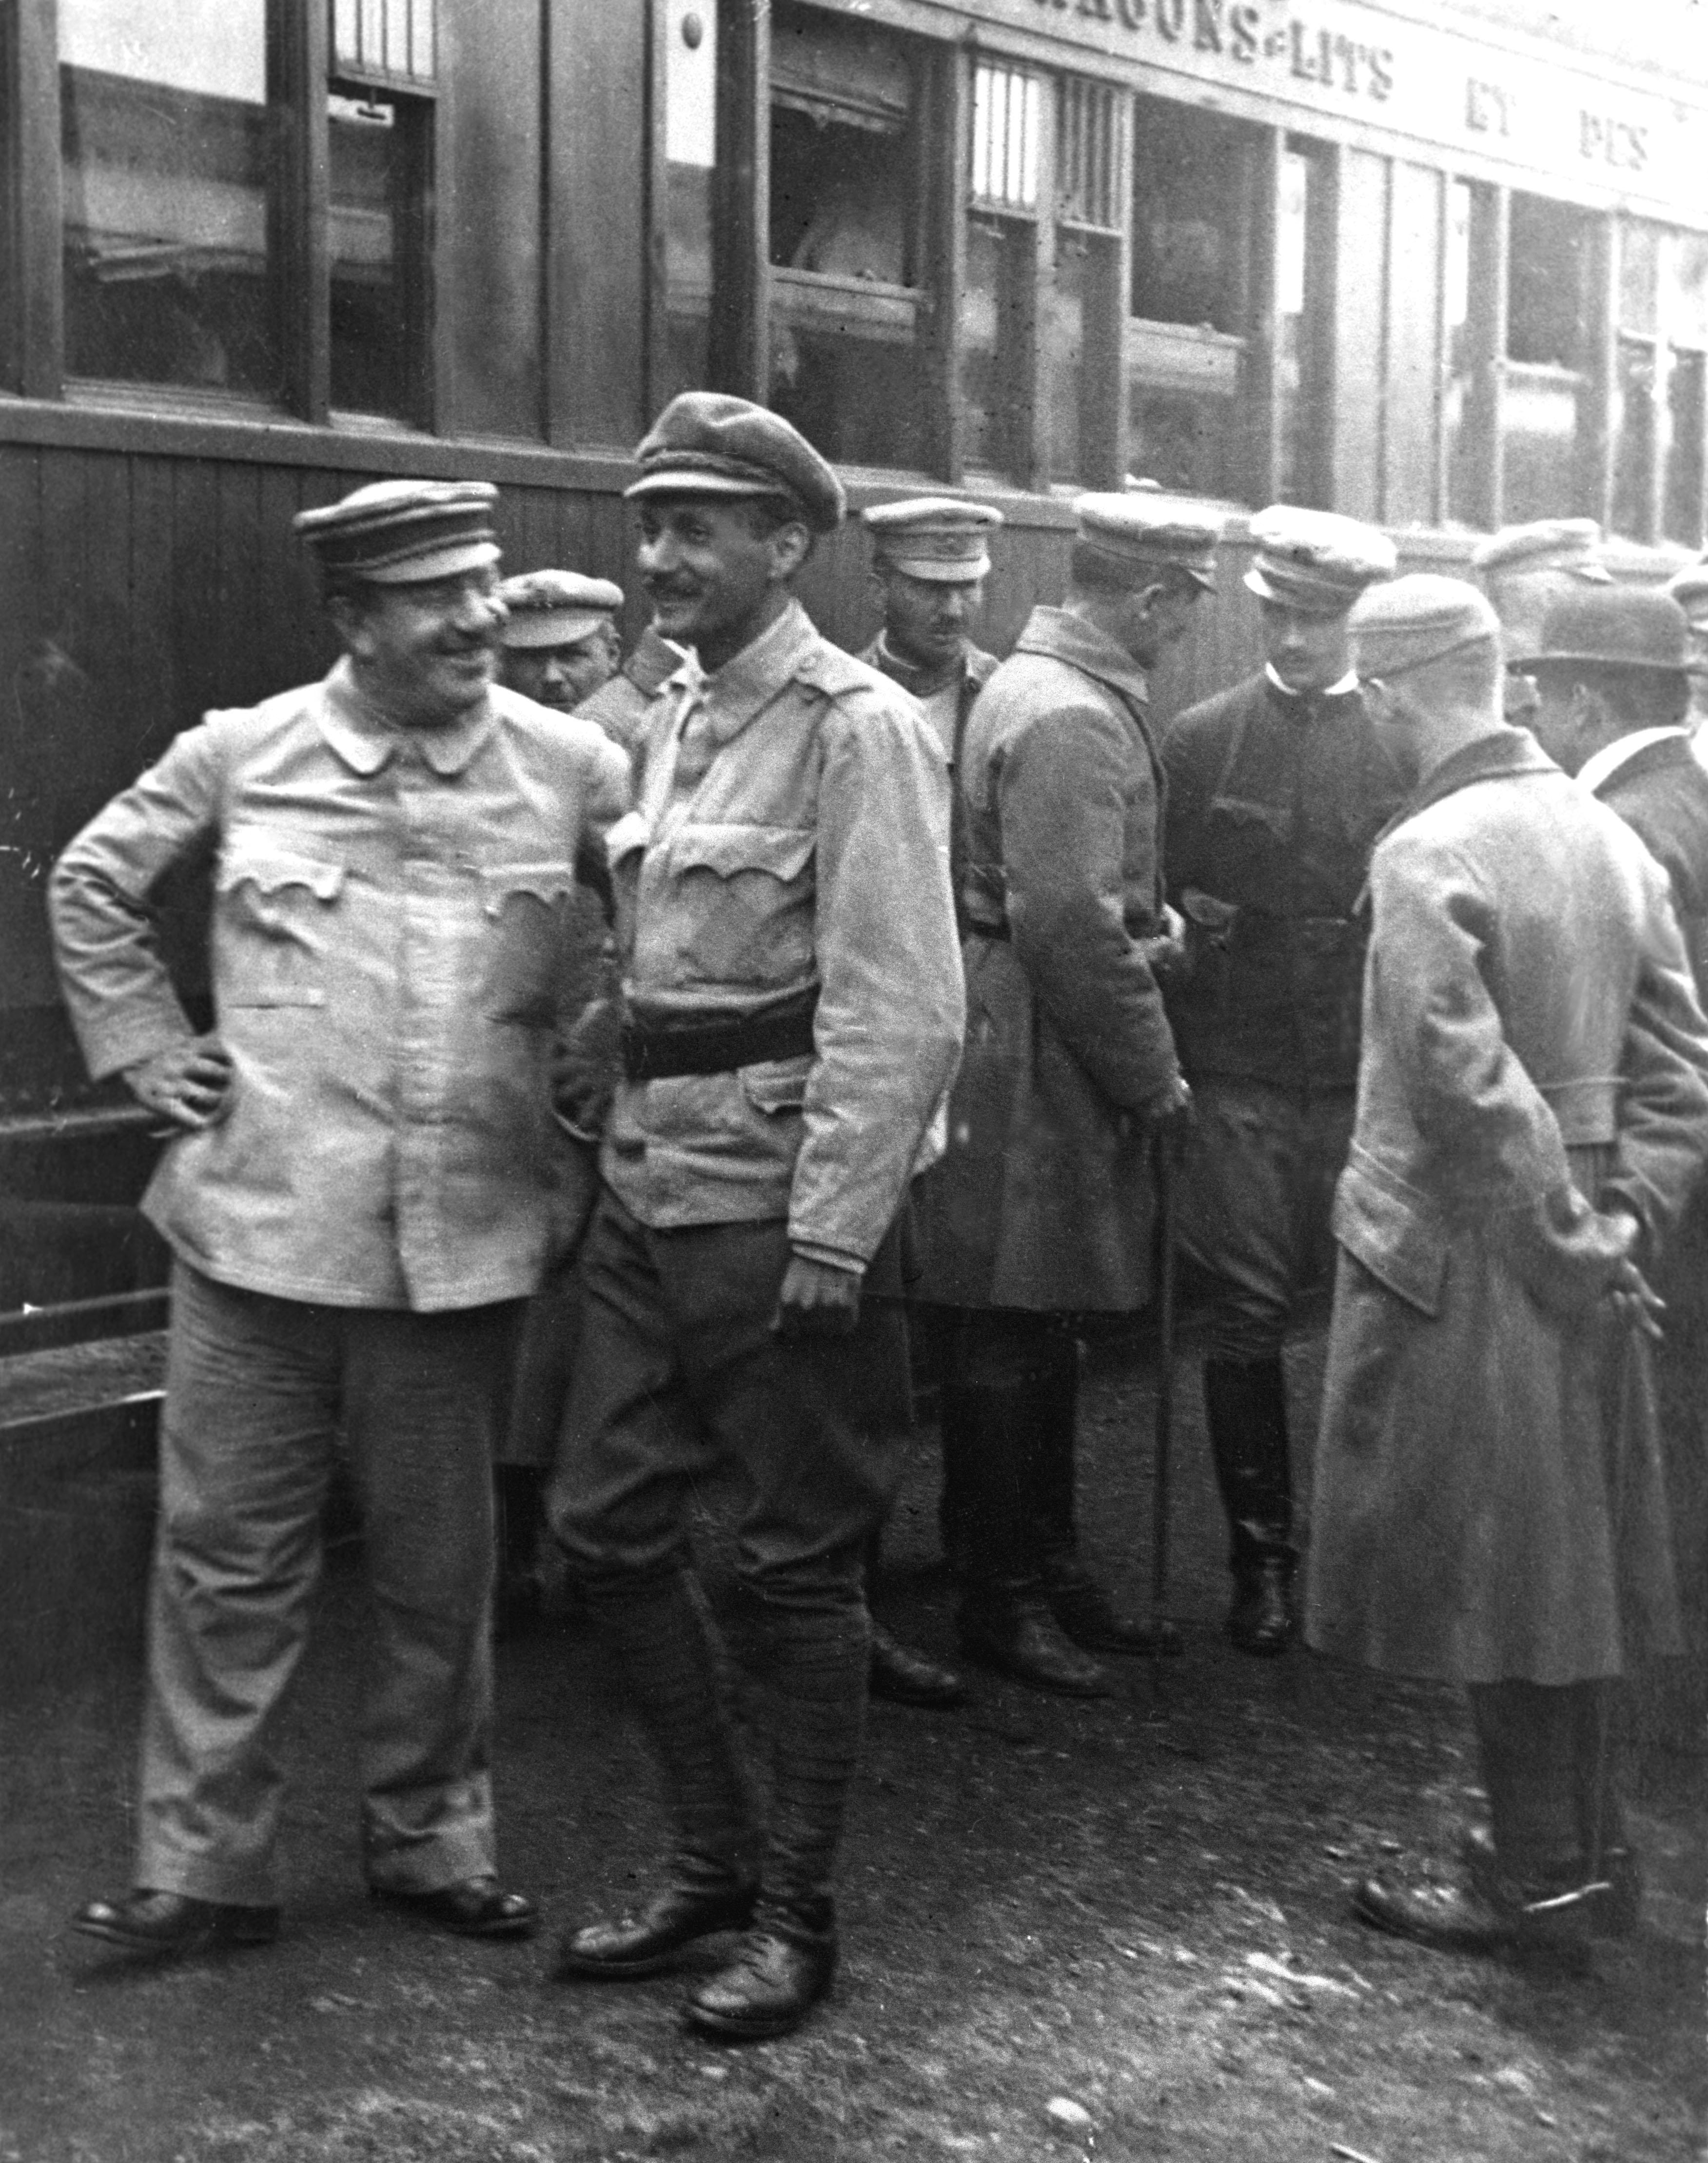 1919. május Vágó Béla (elöl, j, szemben), a magyar Vörös Hadsereg I. hadtestének parancsnoka és Landler Jenõ (elöl, b), a III. hadtest parancsnoka a frontra indulás elõtt. /Fotó: MTI